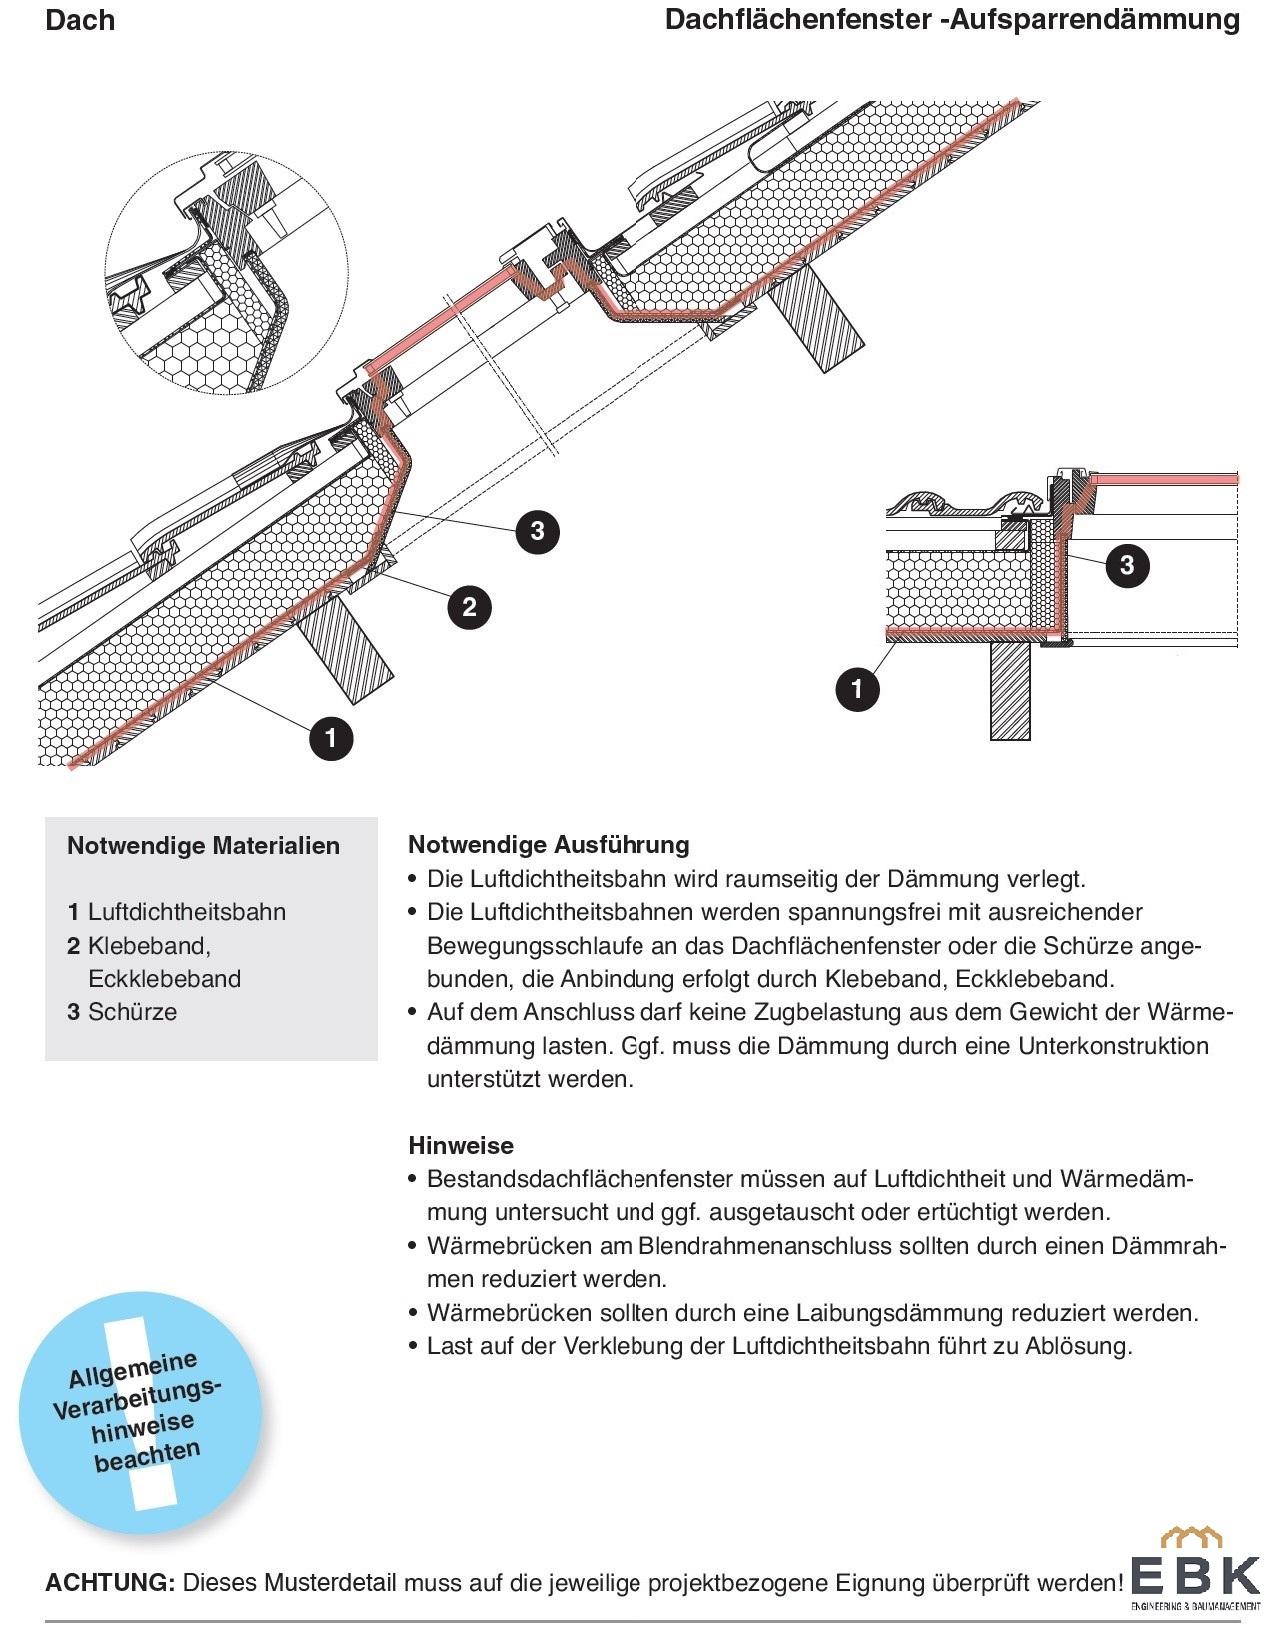 Dachflächenfenster Aufsparrendämmung (Sichtdachtstuhl)